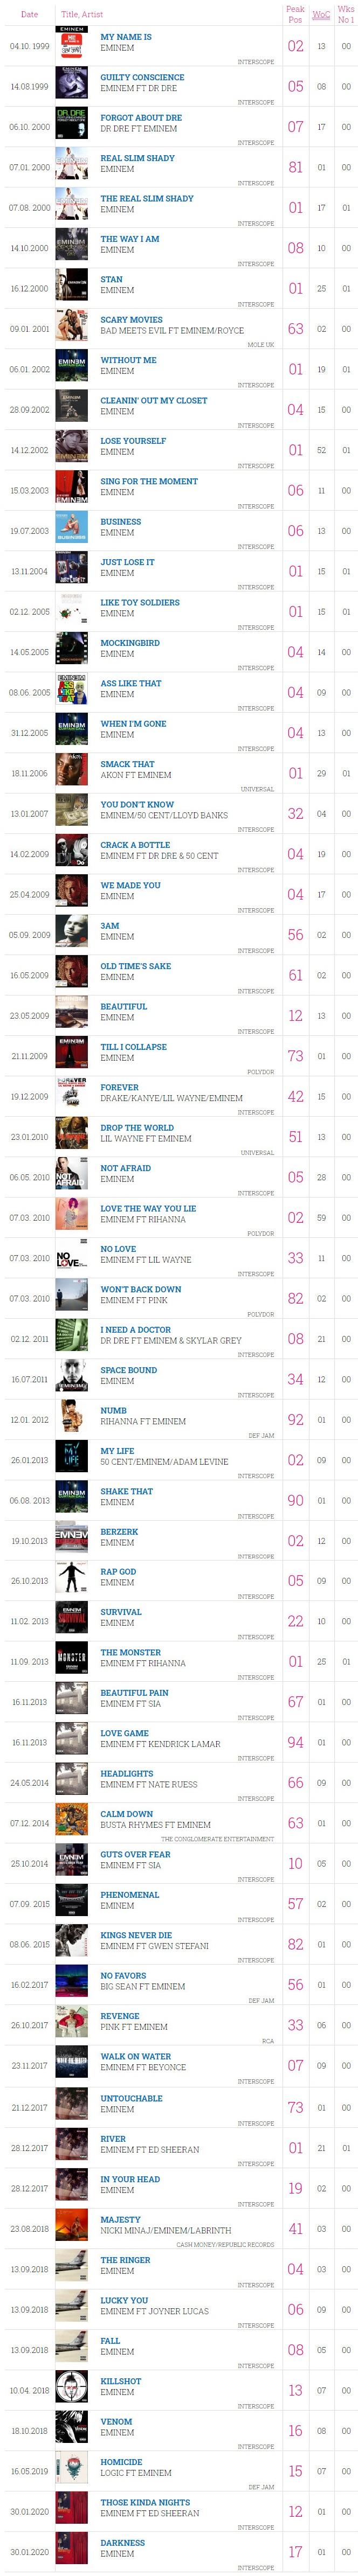 Eminem делает историю Британских чартов: новый рекорд и дебют «Music To Be Murdered By» на первом месте